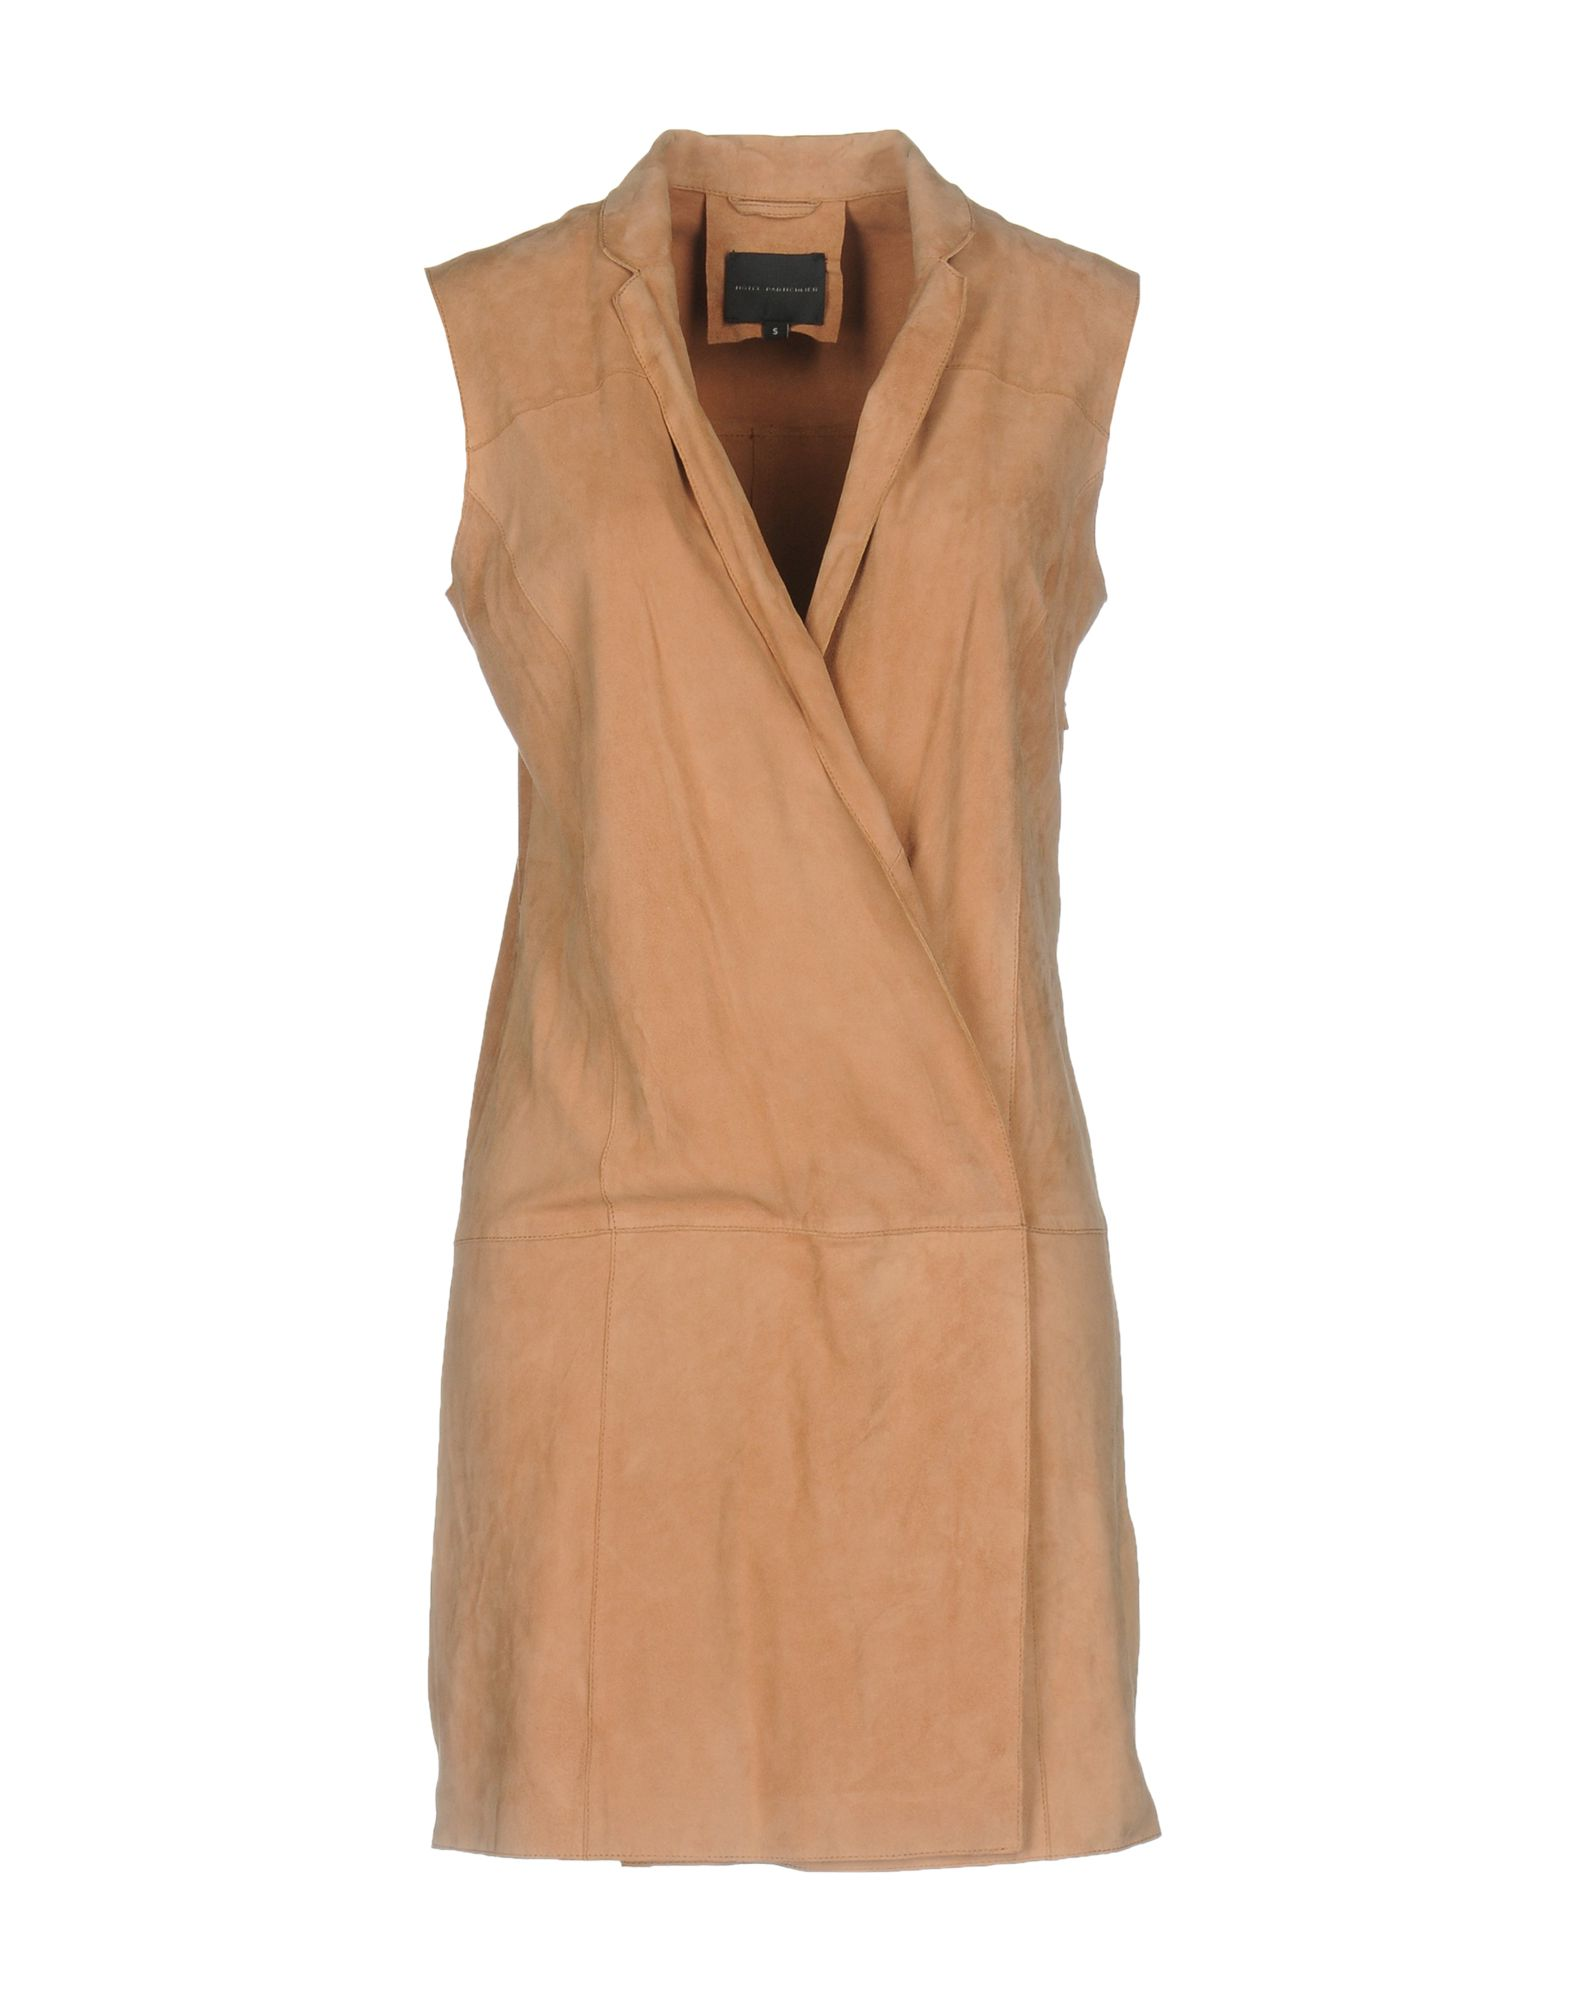 HOTEL PARTICULIER Damen Kurzes Kleid Farbe Kamel Größe 4 jetztbilligerkaufen